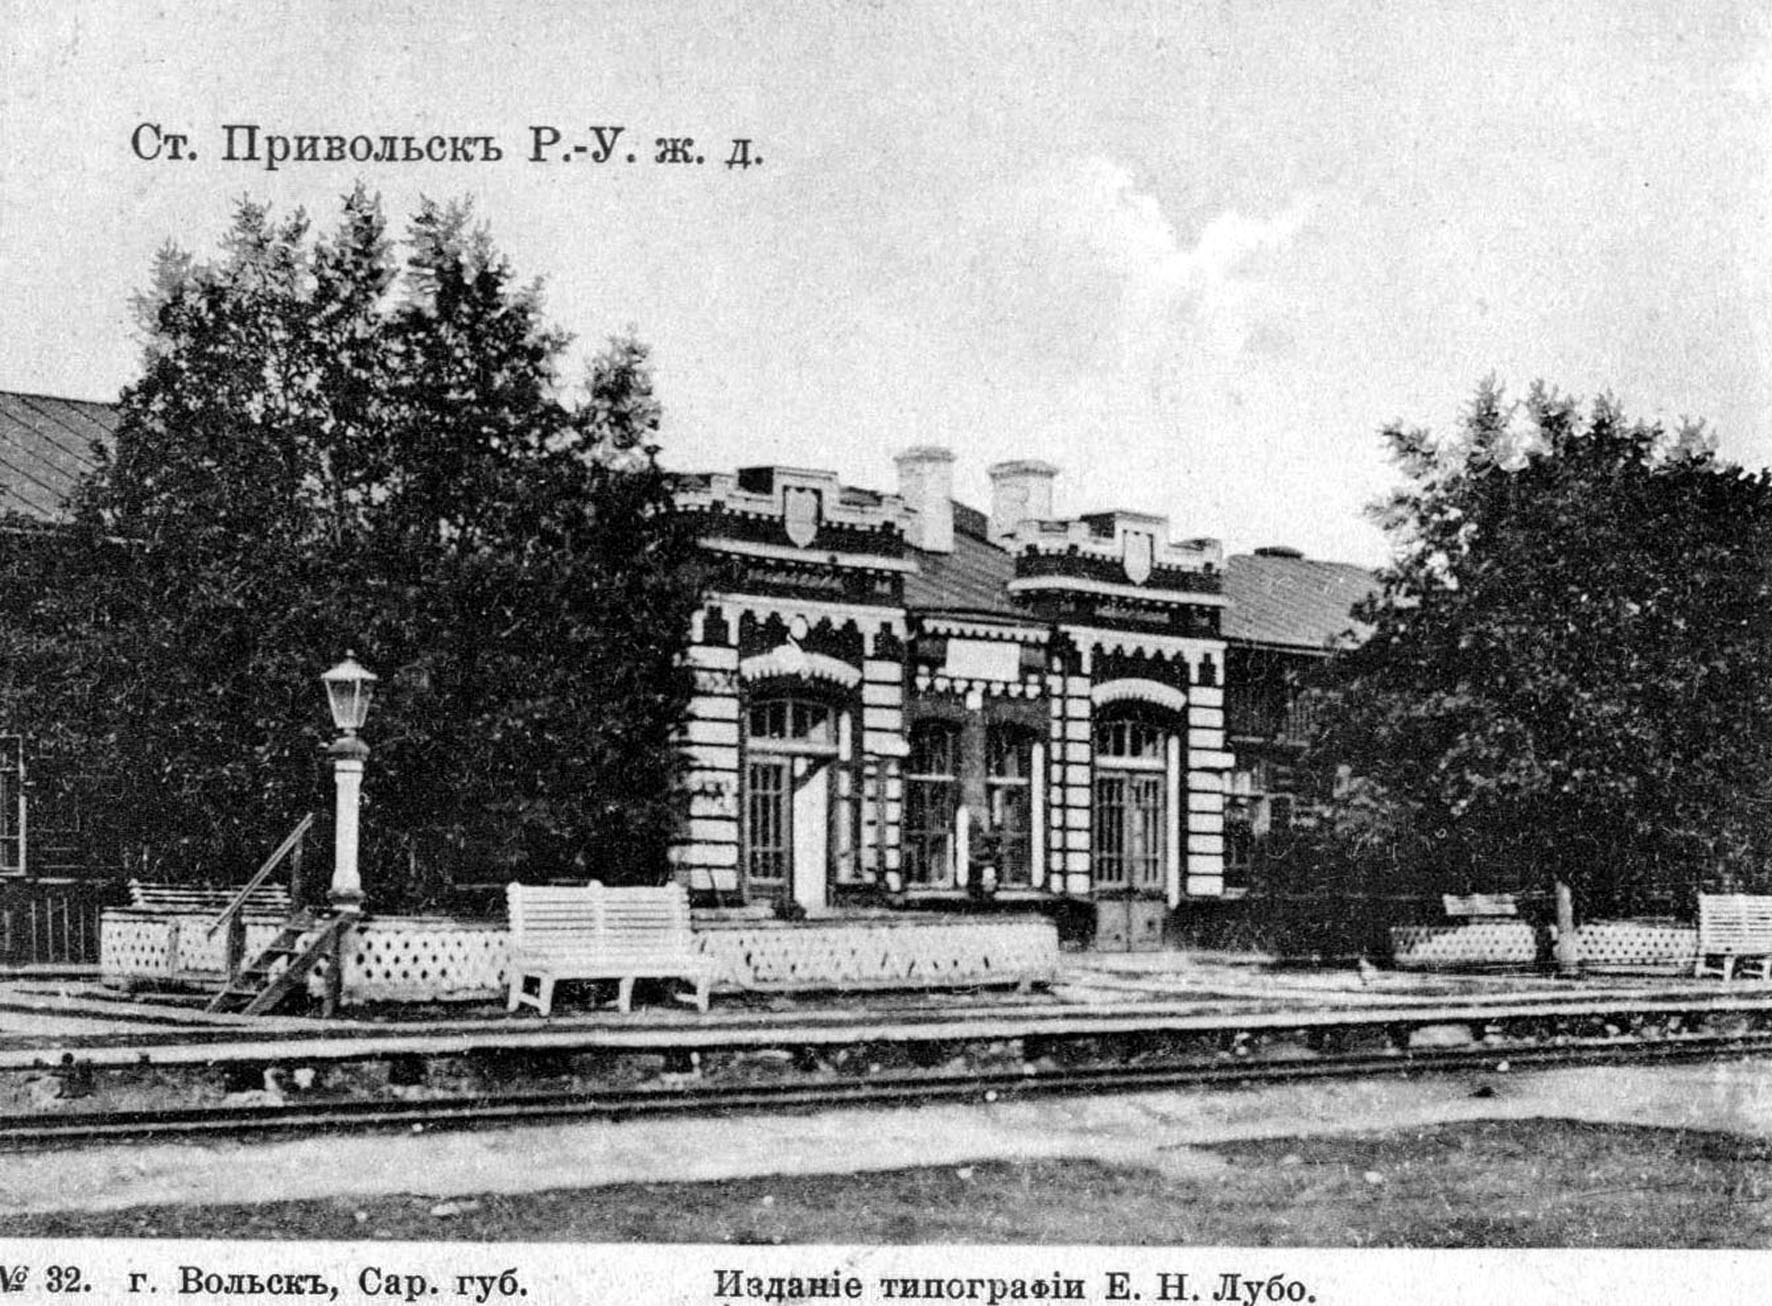 Станция Привольск Рязано-Уральской железной дороги